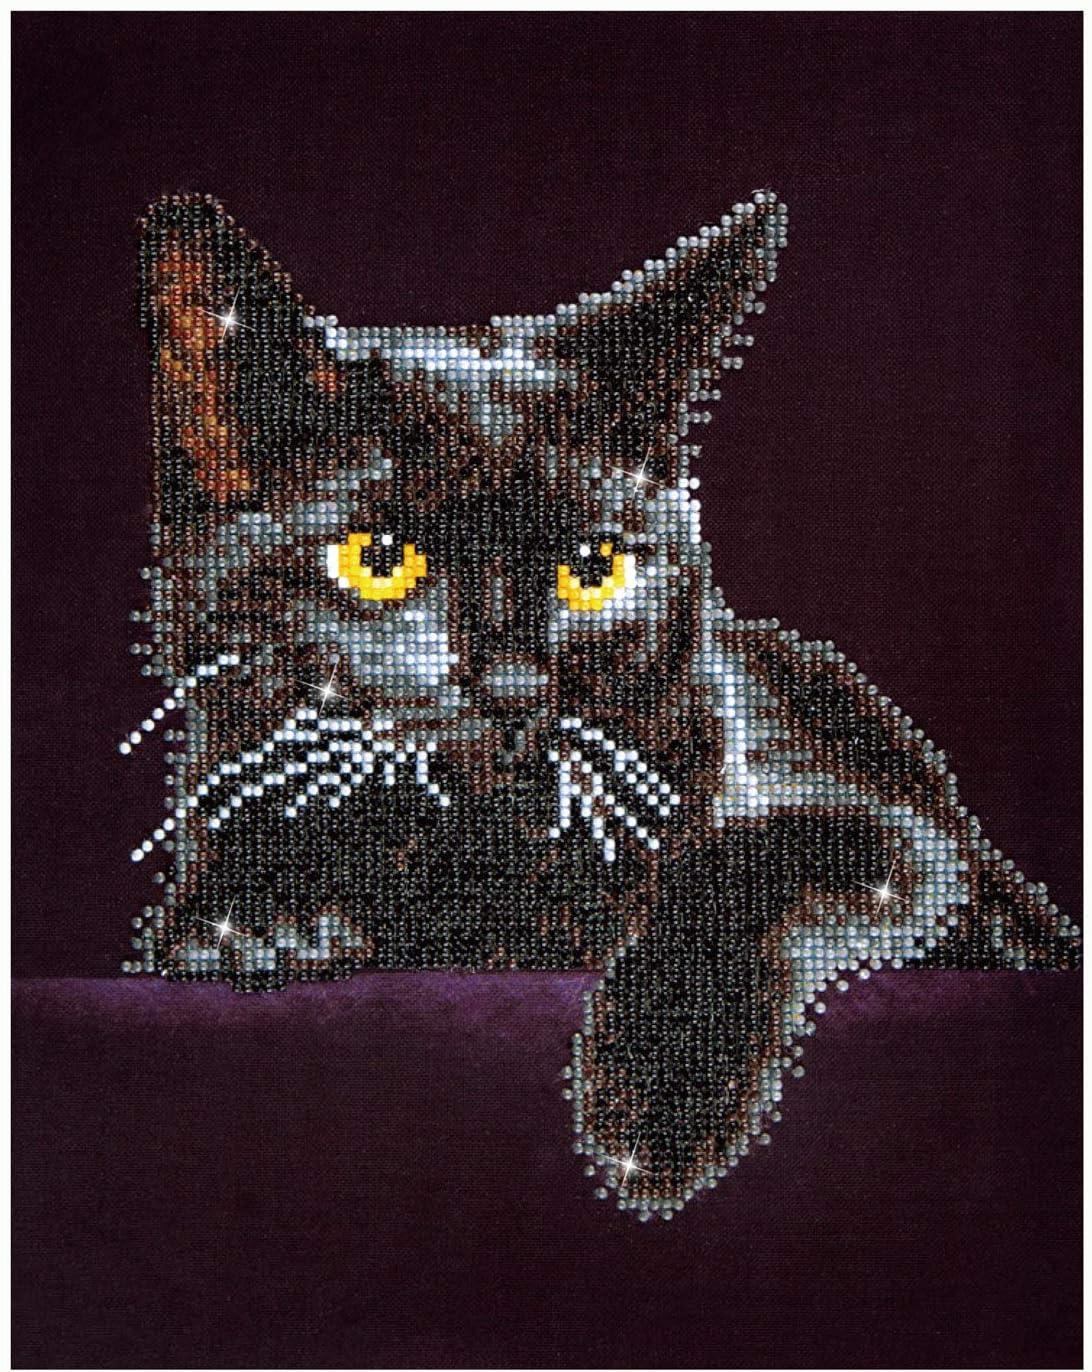 Tea party Van-Go Paint-By-Number Kit Cat World